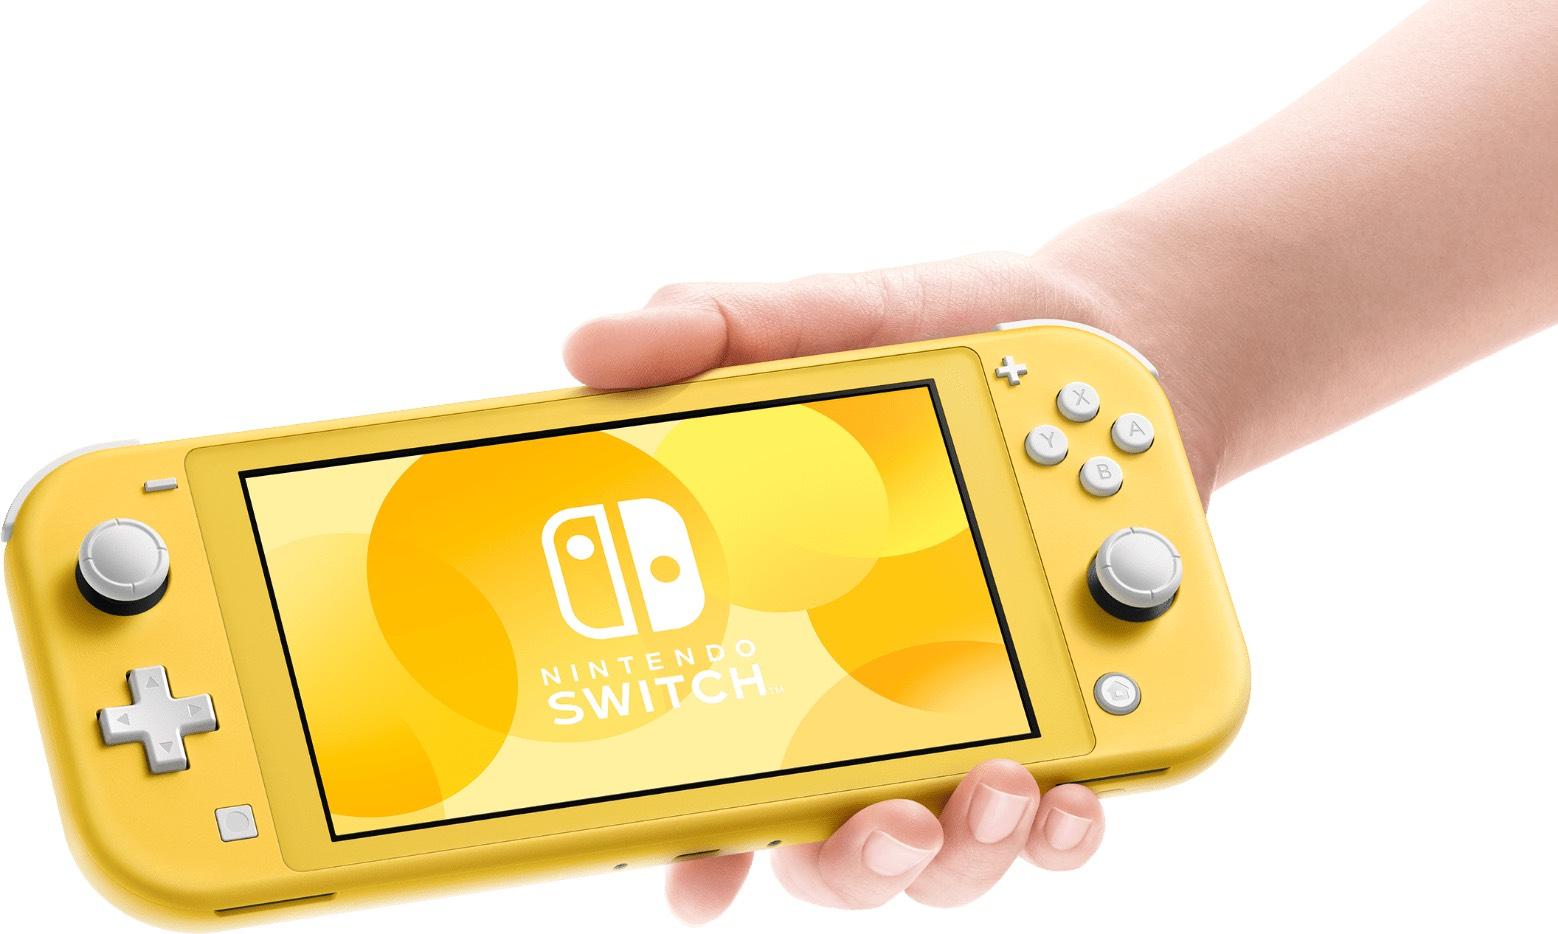 Nintendo Switch lite bij Amazon.fr (alle kleuren)